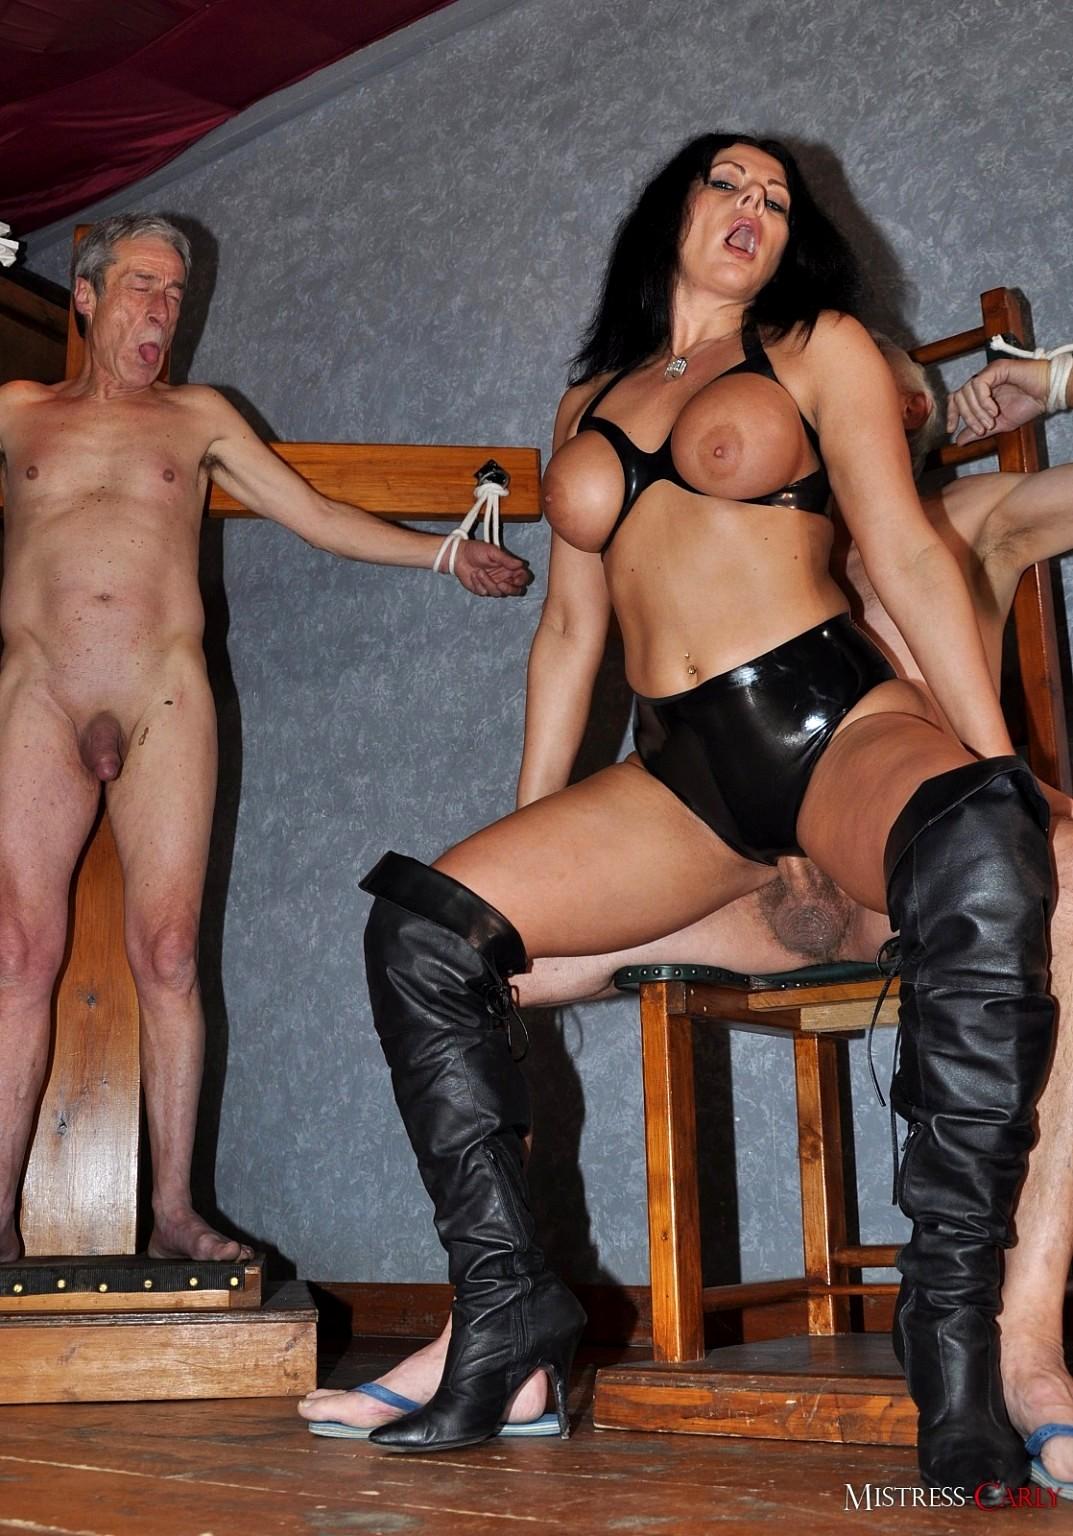 Eromaxx sex hot xxx picture